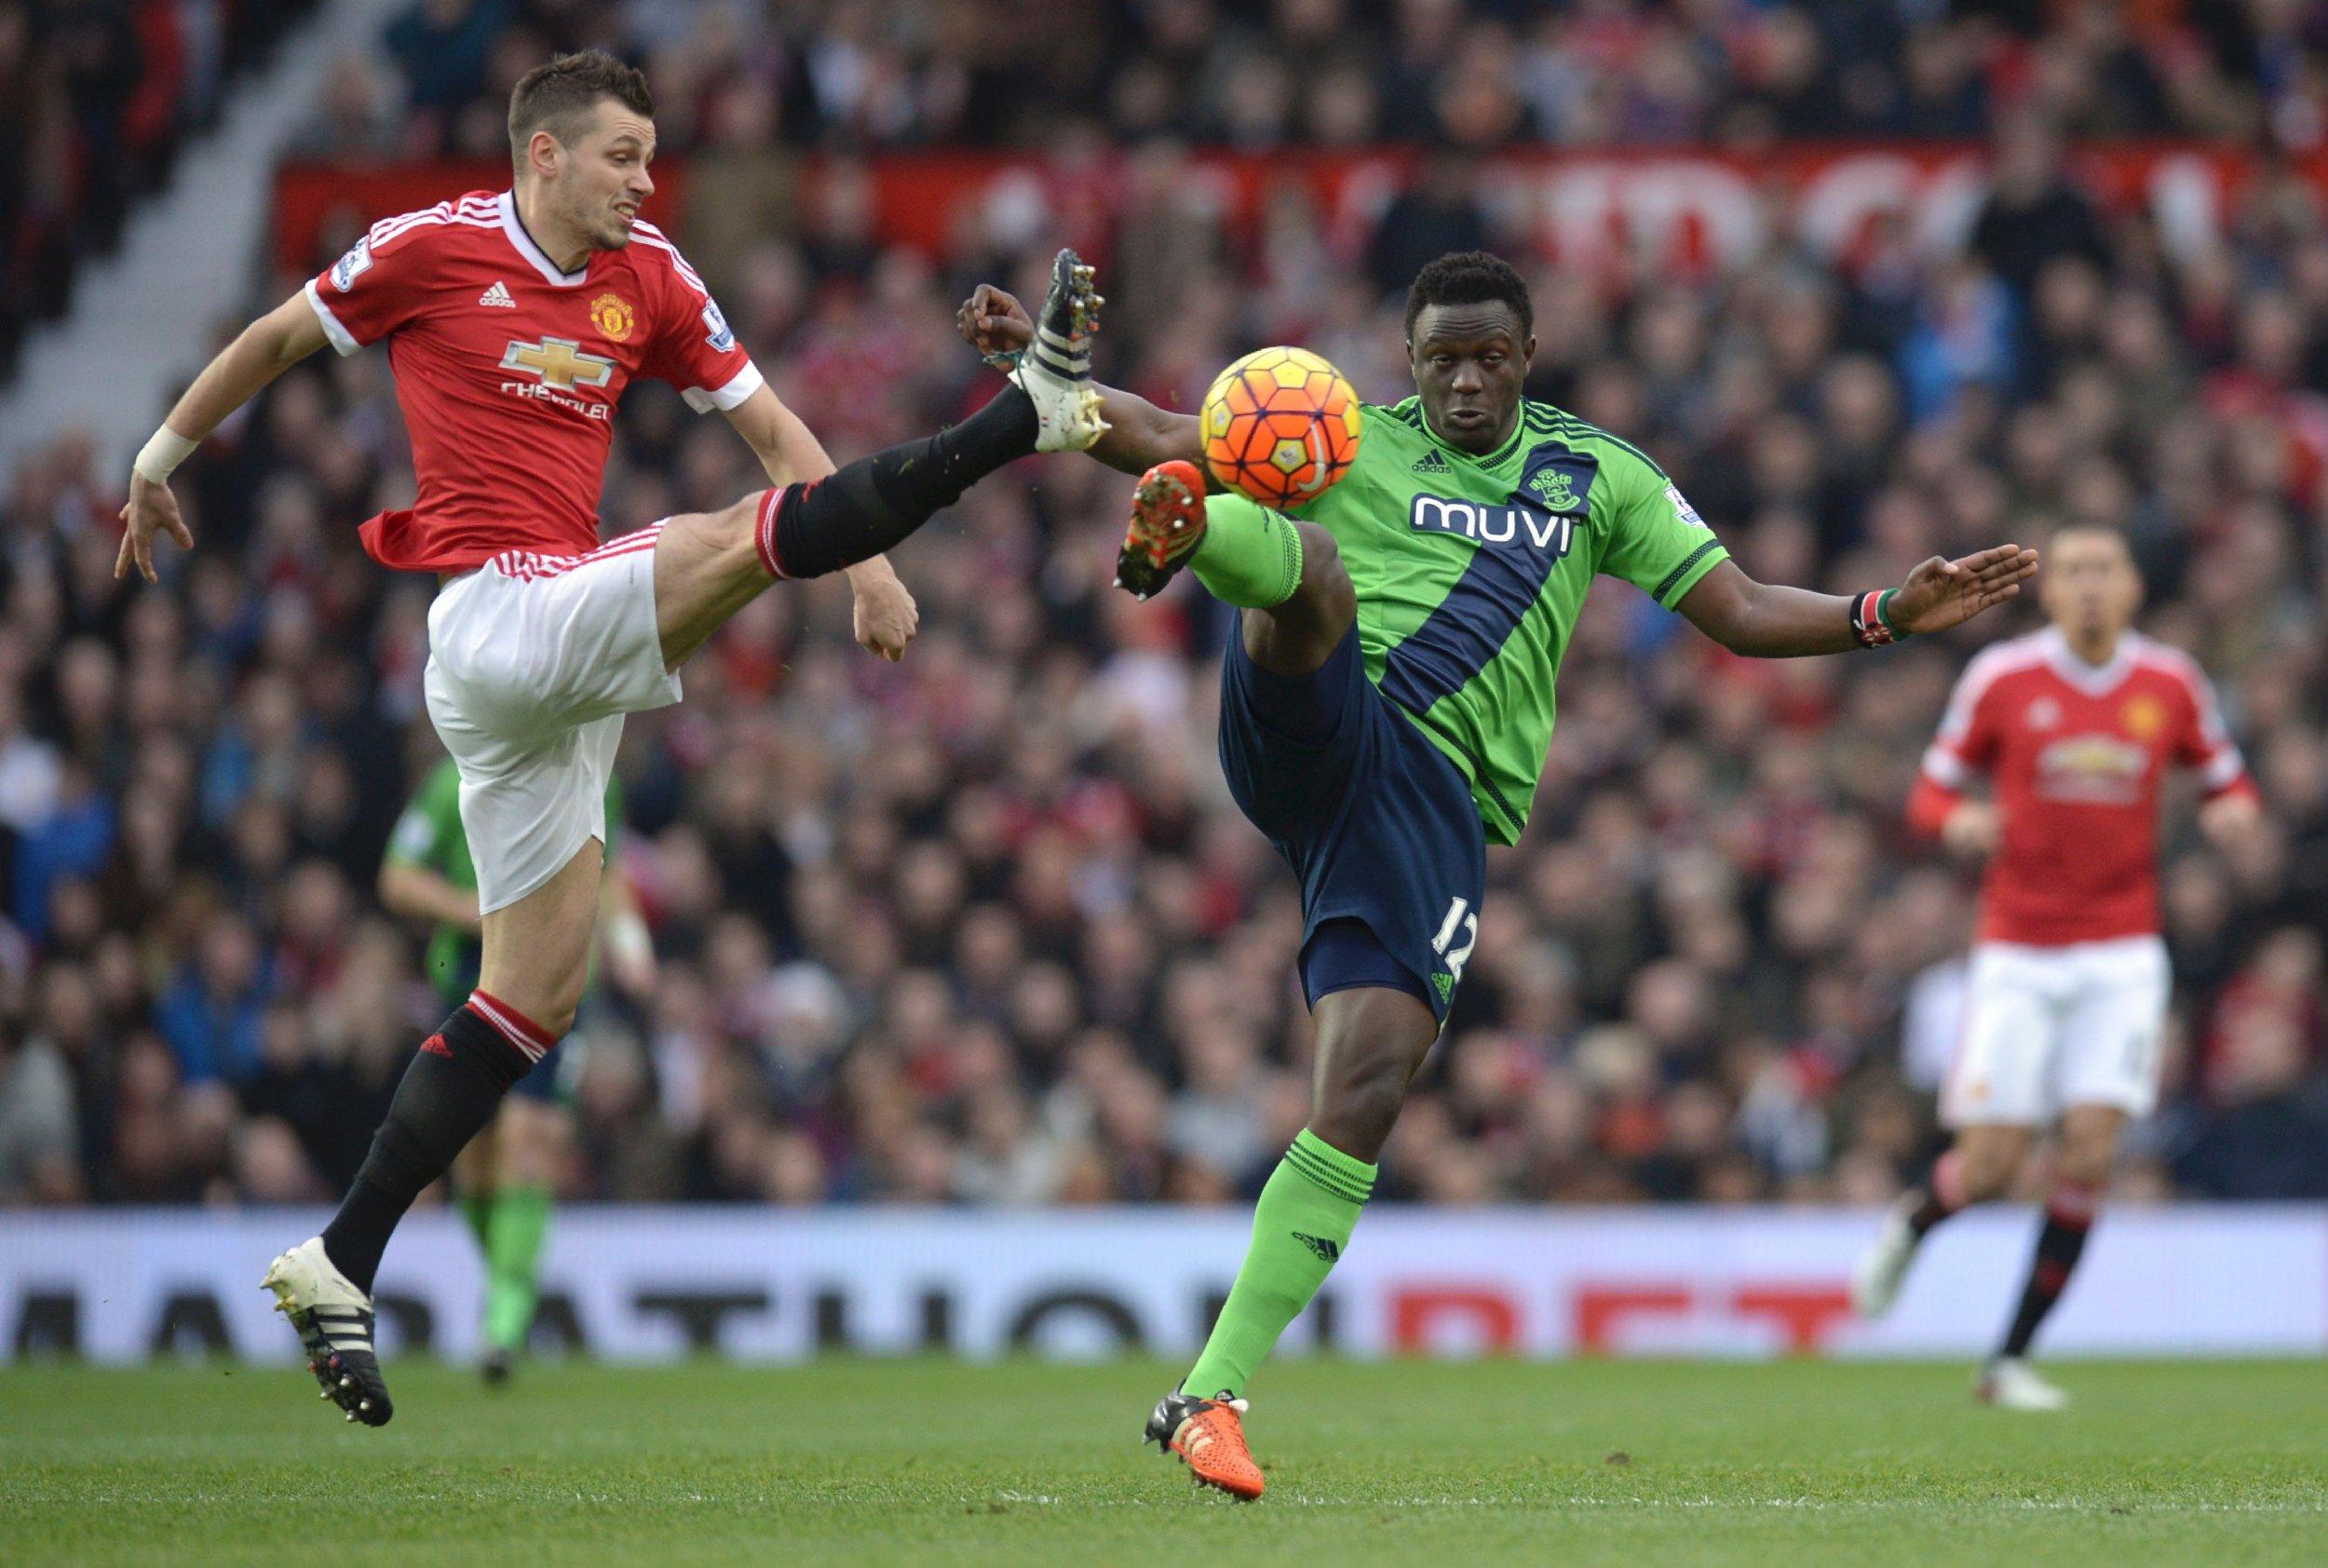 Kenyan midfielder Victor Wanyama challenges Manchester United's Morgan Schneiderlin.